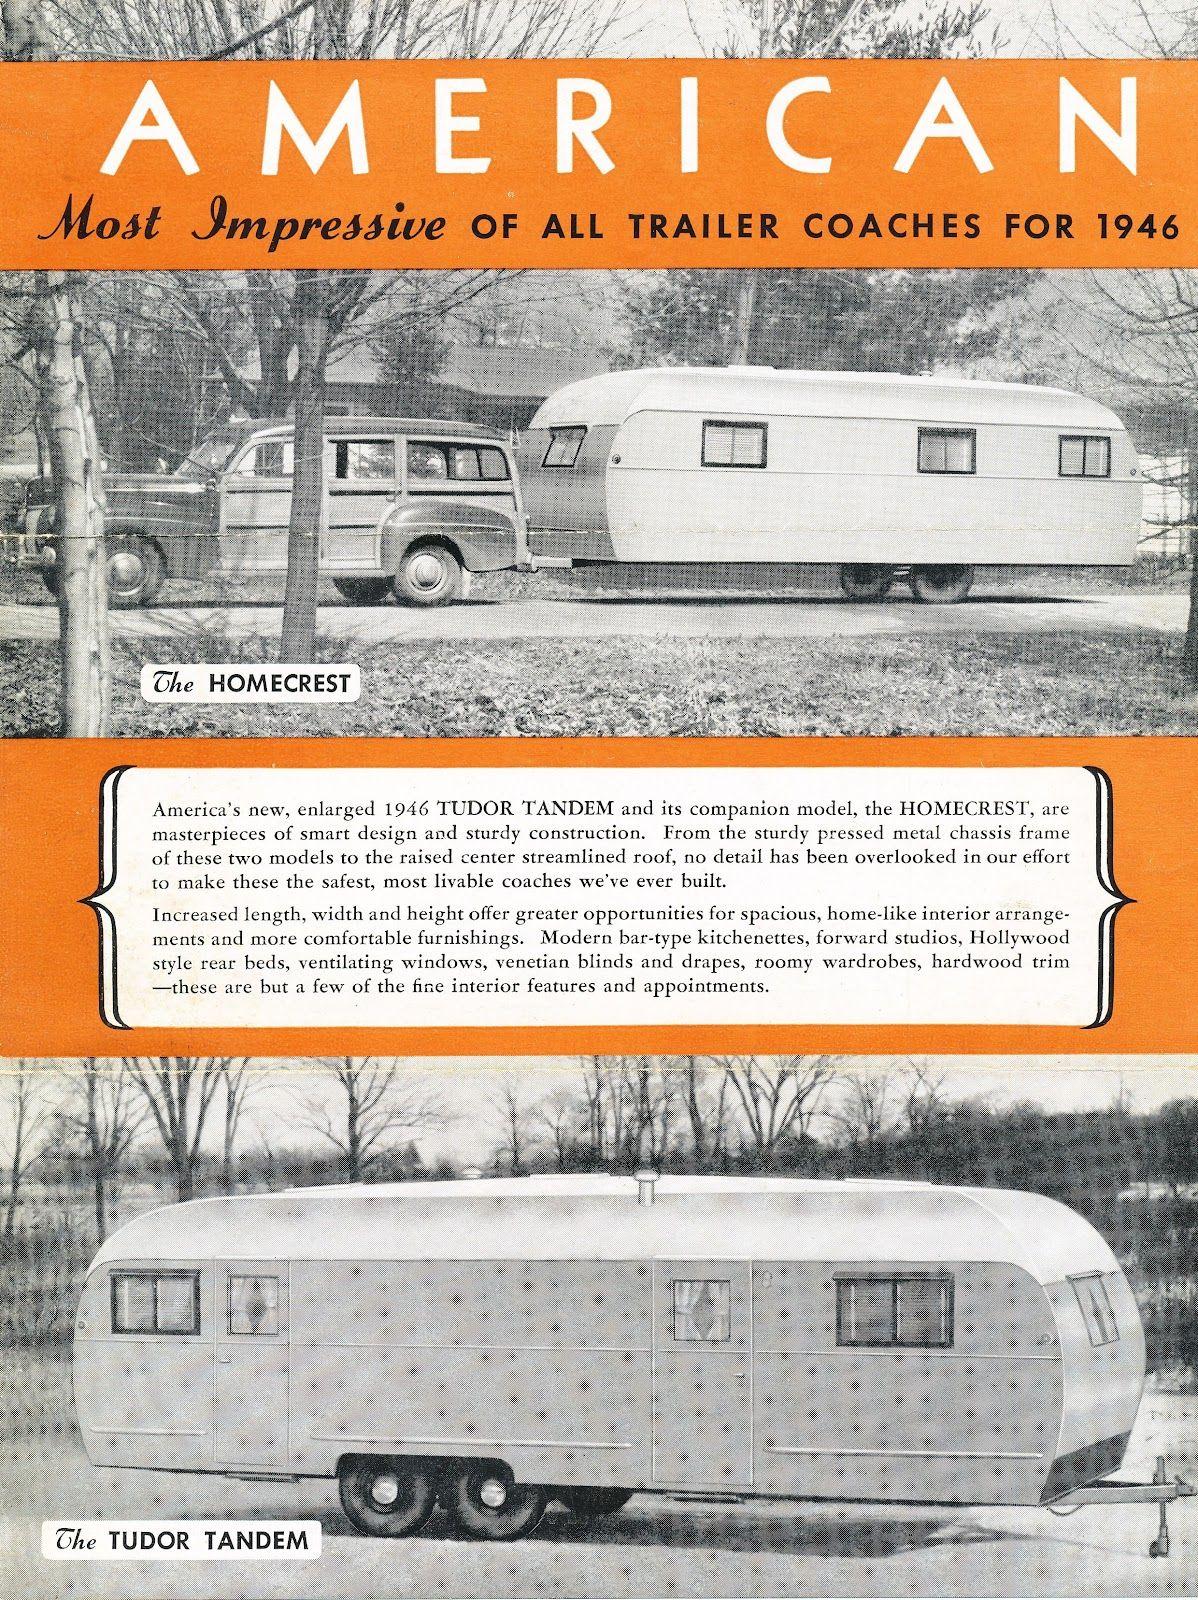 Vintage Travel Trailer Brochure On Americans 1946 Tudor Tandem And HomeStead Models At Mobile Home Living